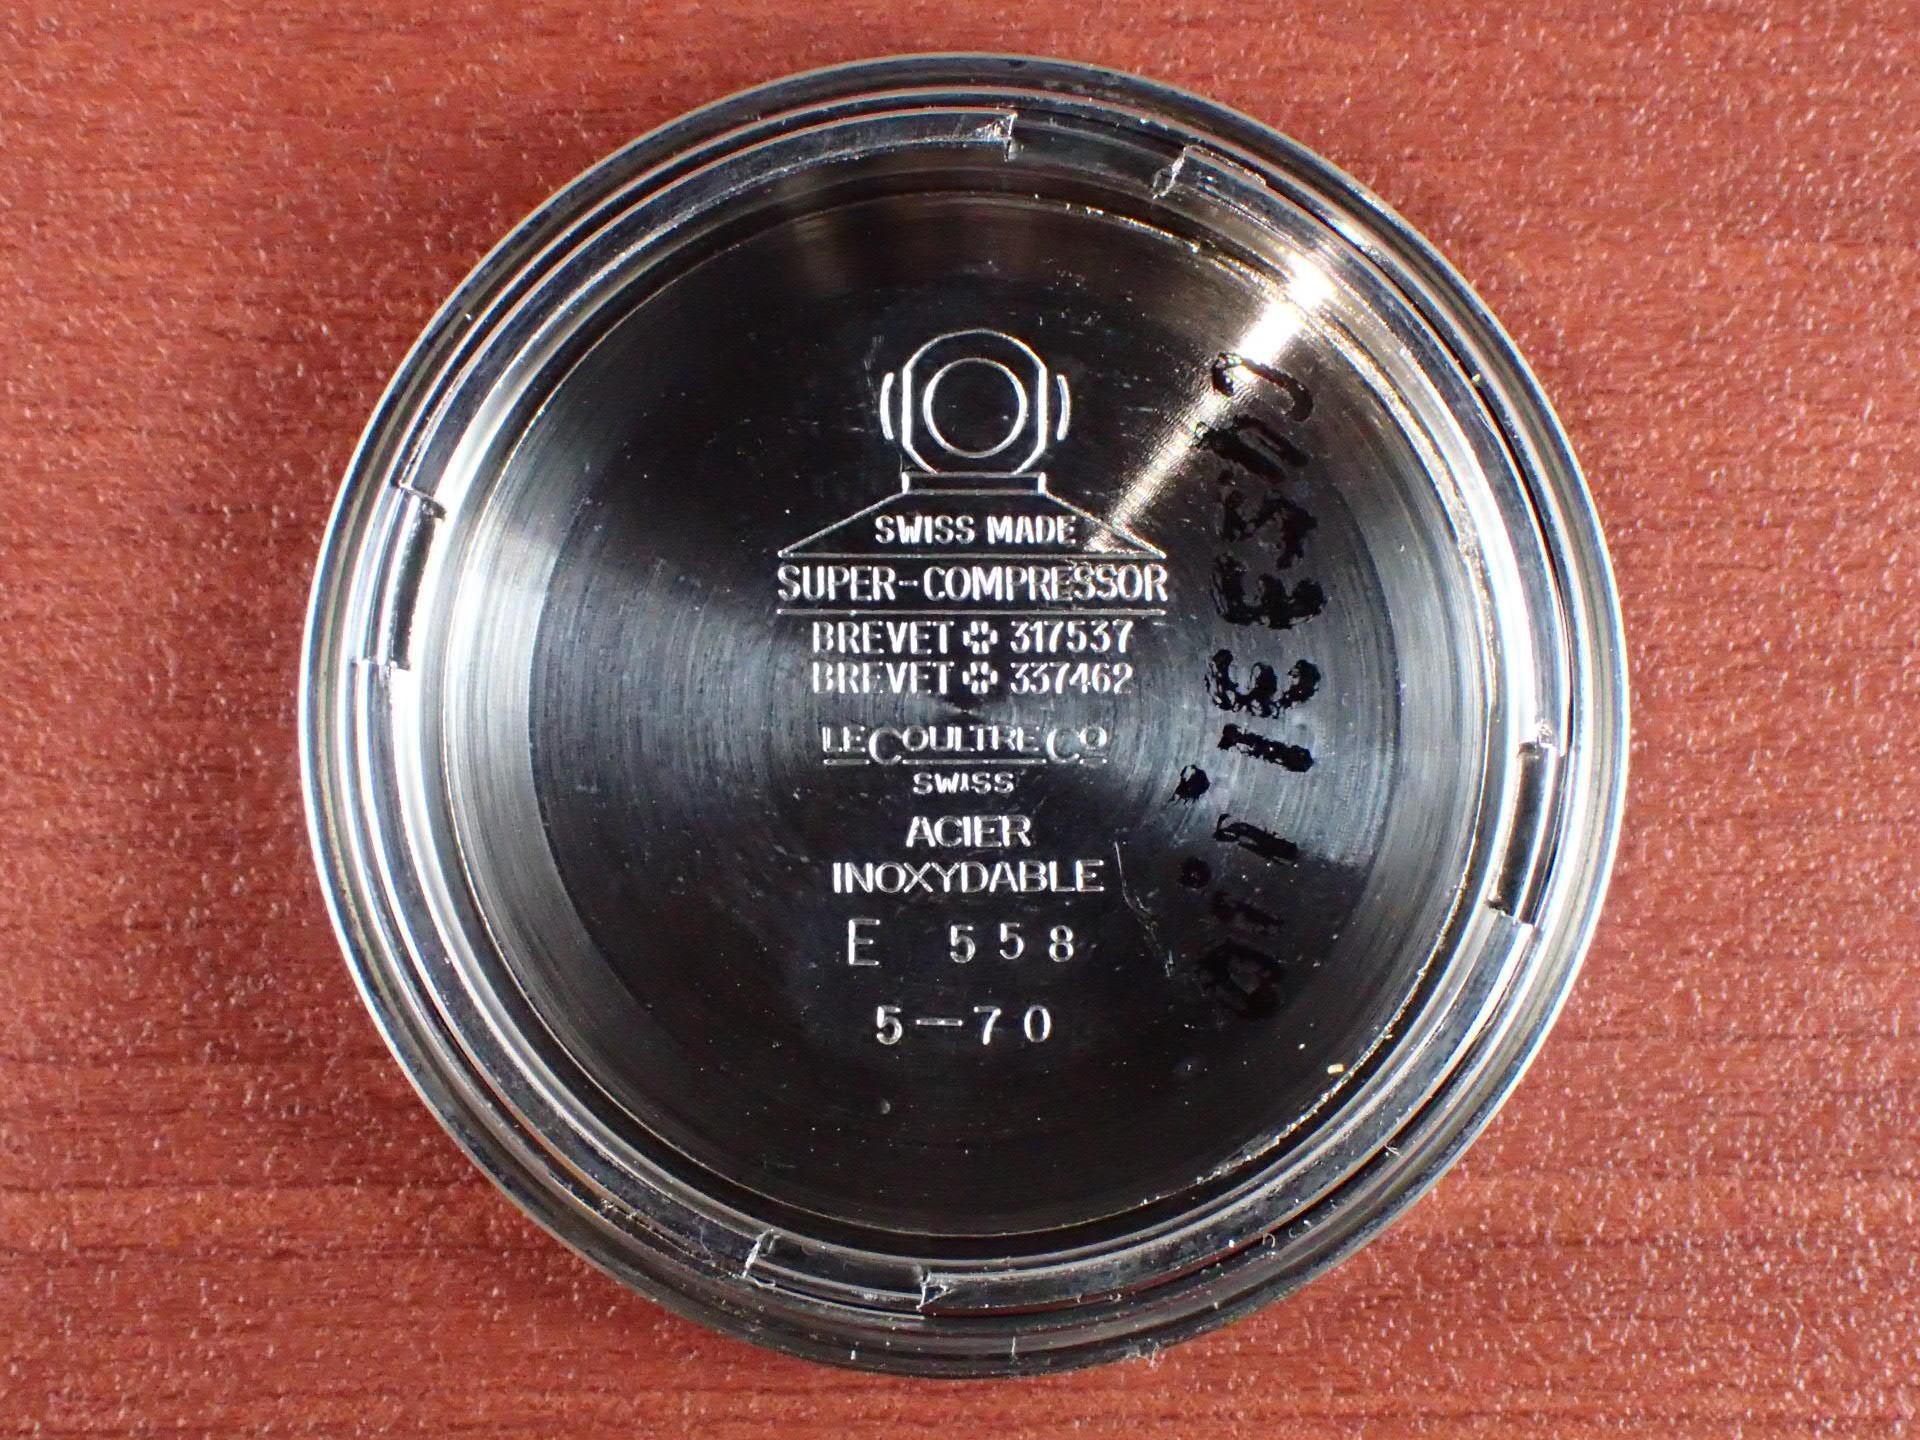 ジャガールクルト ディープシー マスターマリーナ スーパーコンプレッサー 1970年代の写真6枚目